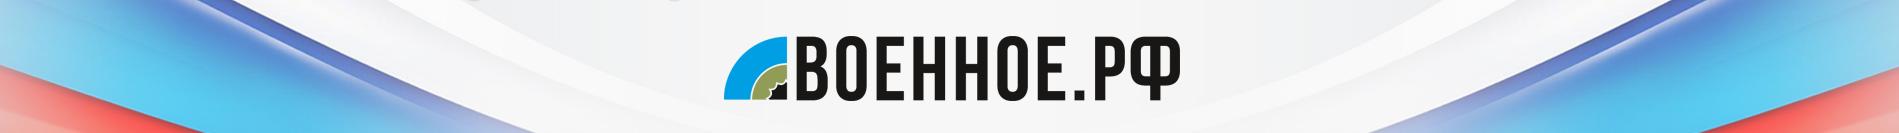 V-Logo-ВОЕННОЕ_РФ